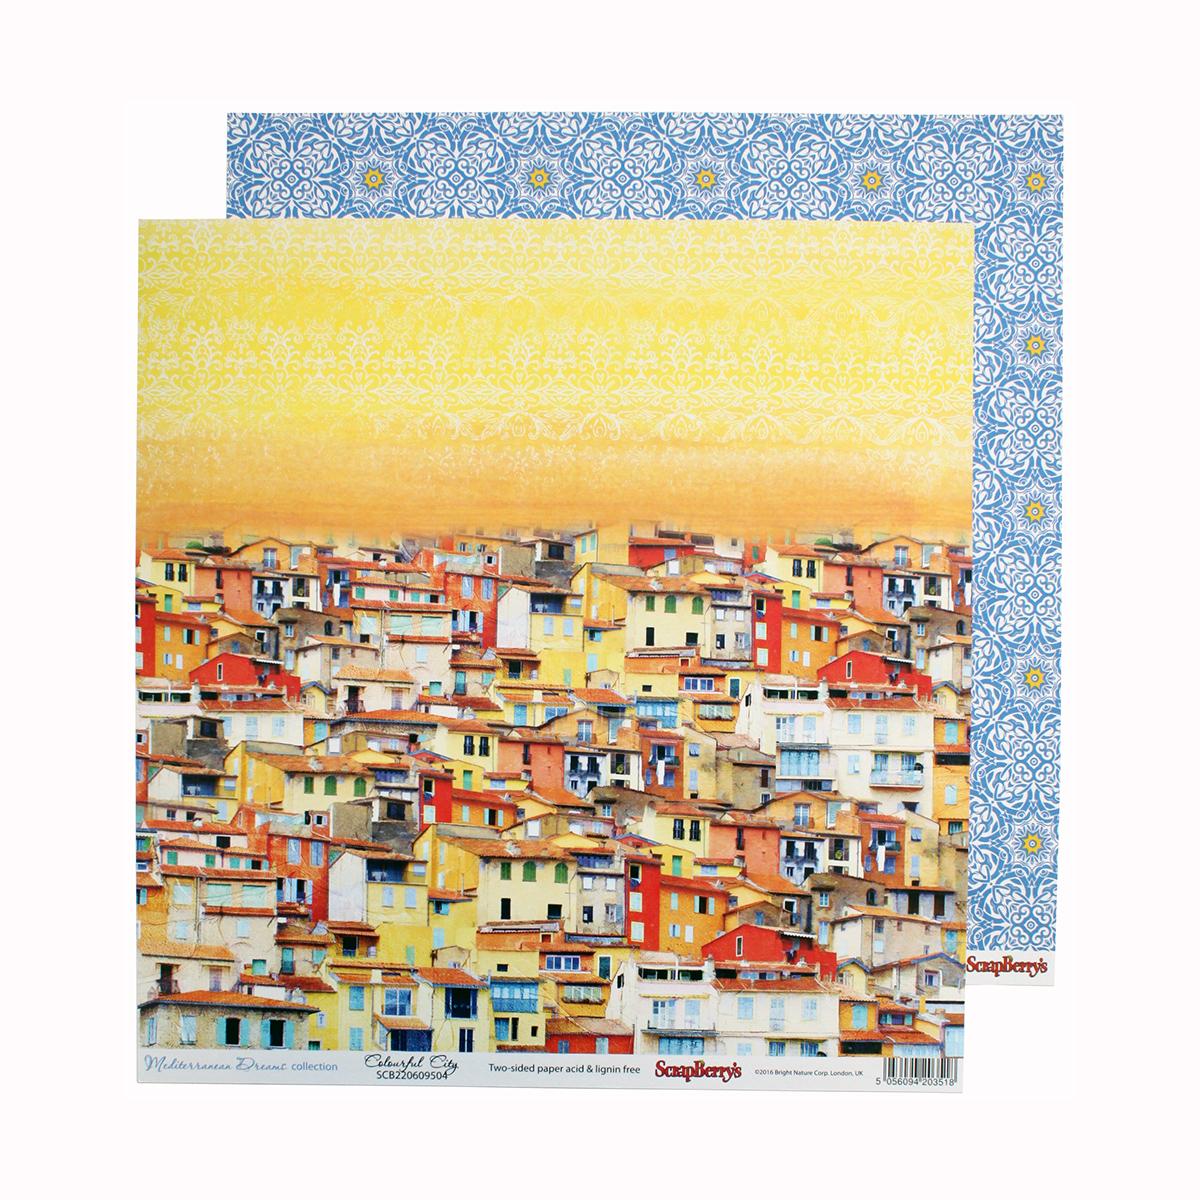 Бумага для скрапбукинга ScrapBerrys Средиземноморье. Старый город, двухсторонняя, 30,5 х 30,5 см, 10 листов. 583334583334